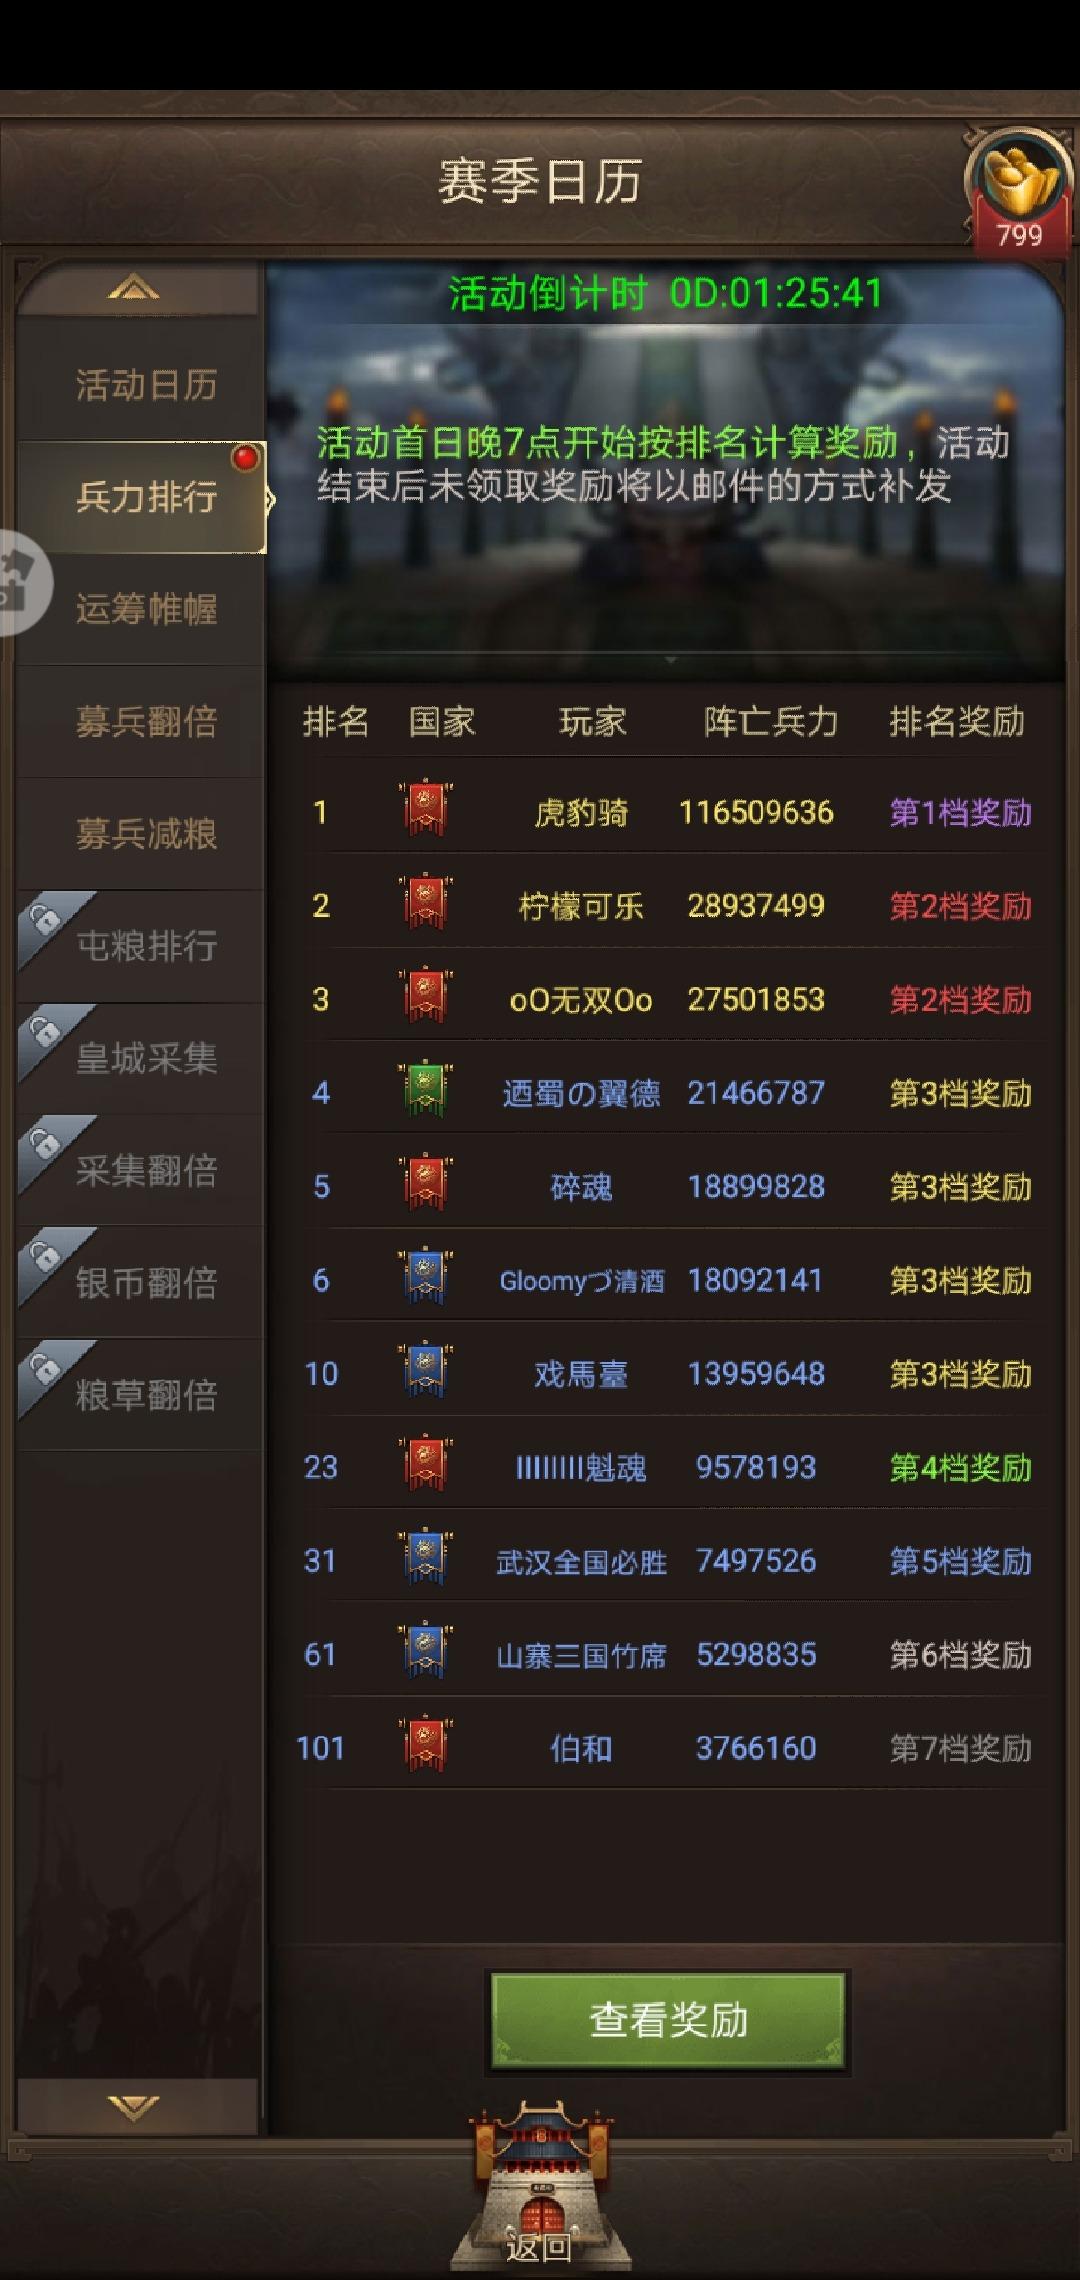 Screenshot_20200228_223422_juedi.tatuyin.rxsg.huawei.jpg